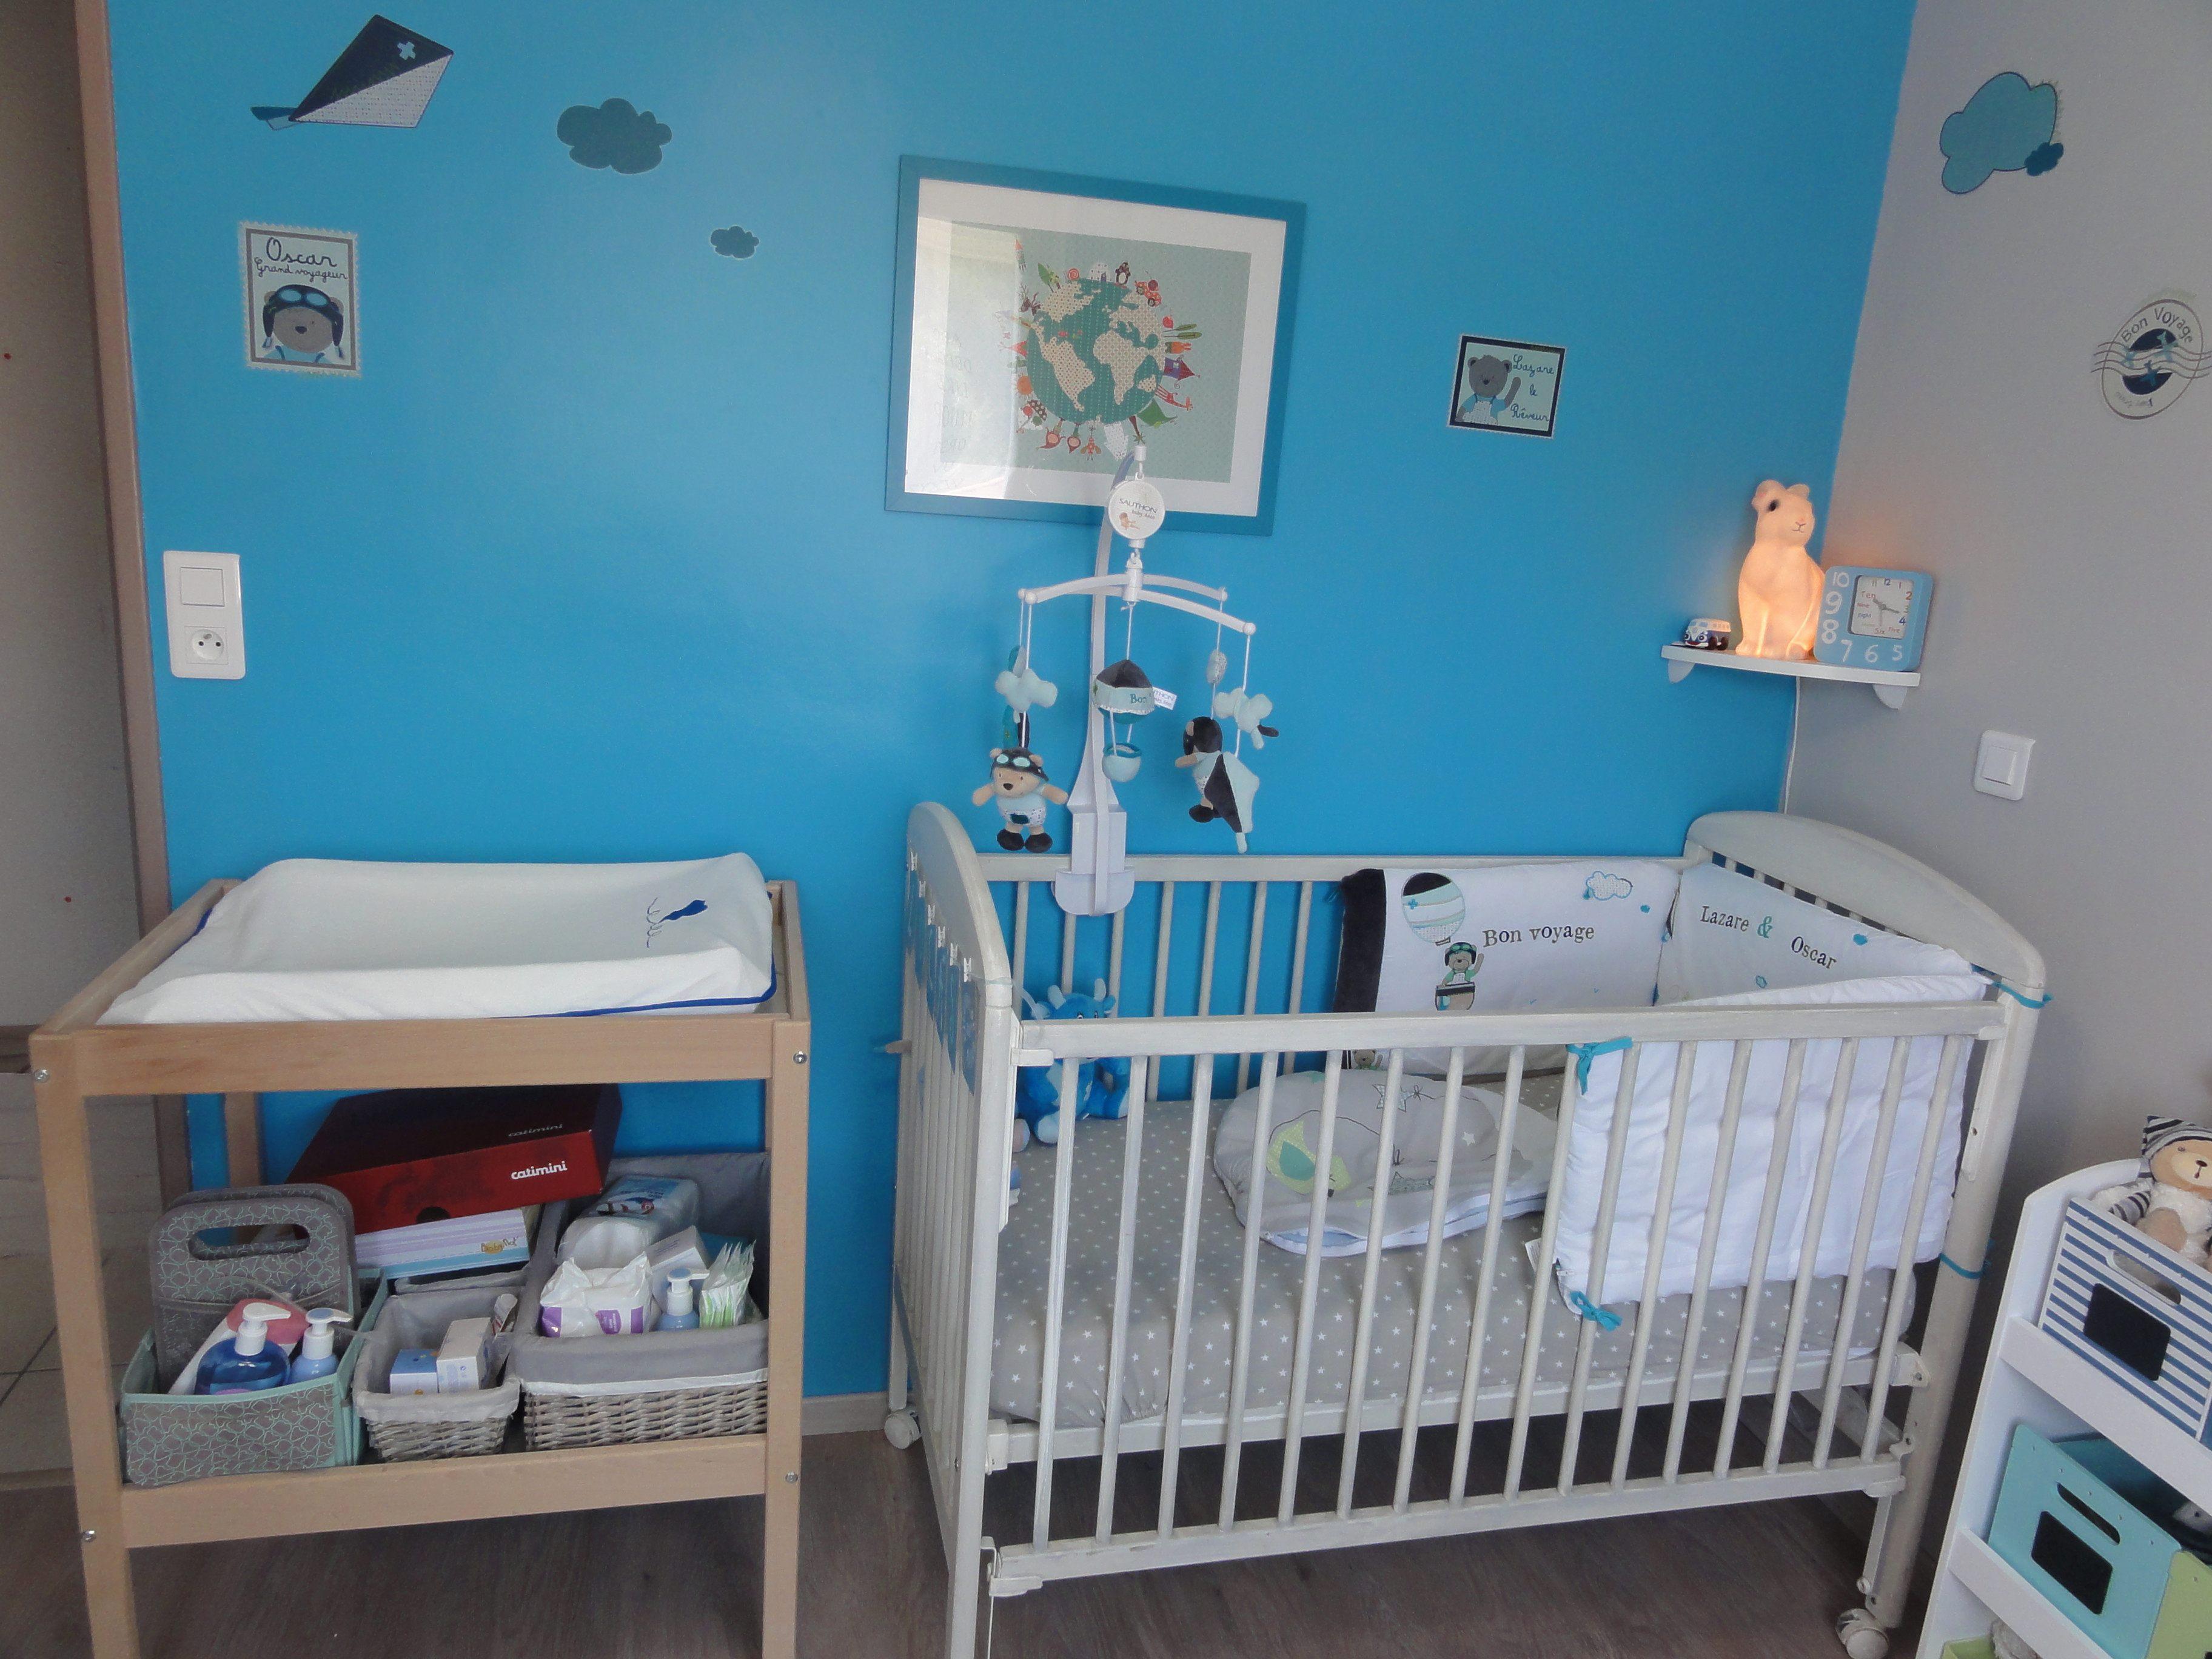 Lit Superposé Bébé Le Luxe Chambre De Bébé Pas Cher Chambre Bébé Fille Inspirant Parc B C3 A9b